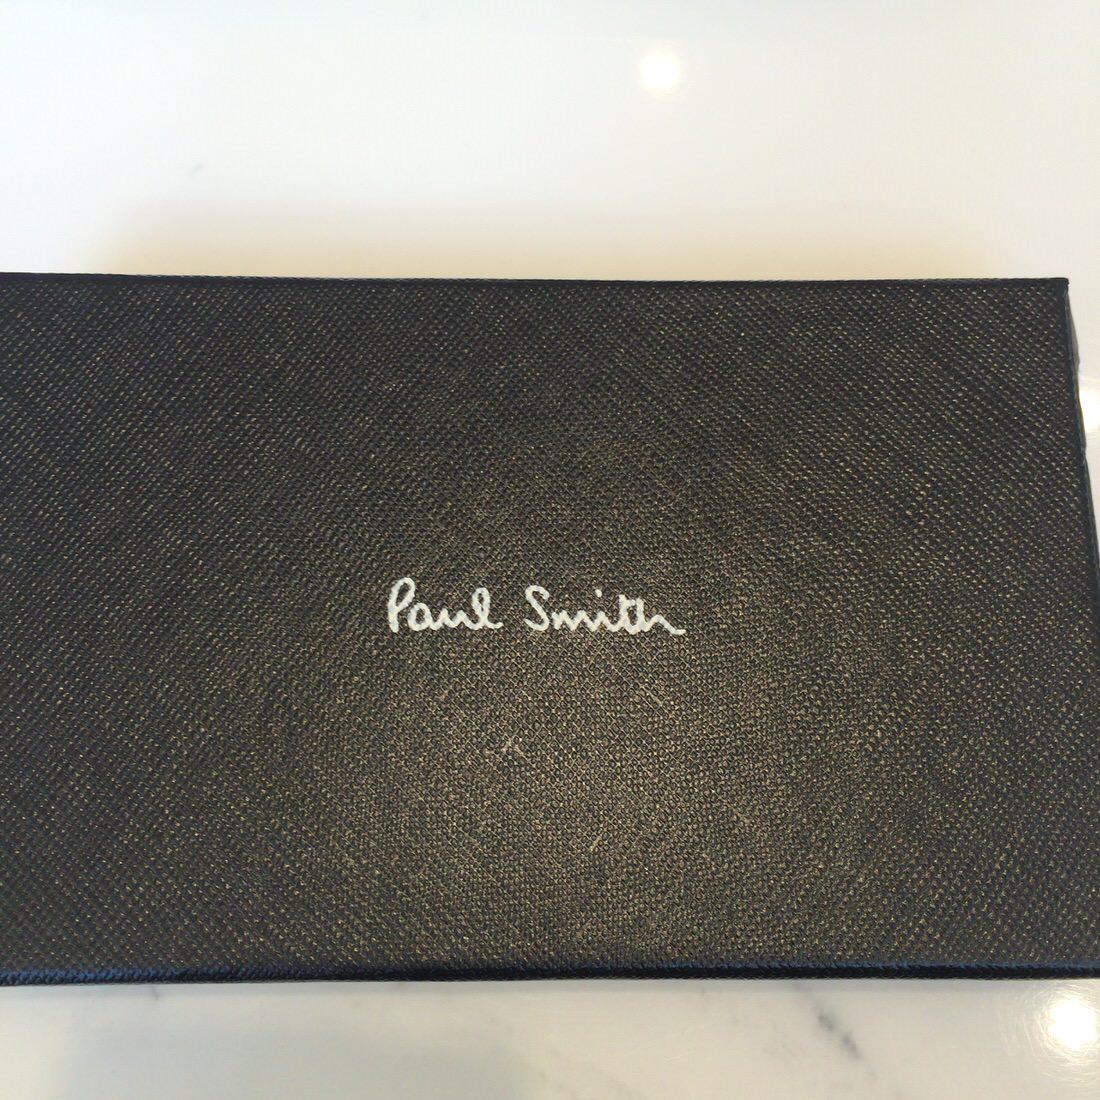 ポール・スミス-スマホケース-箱